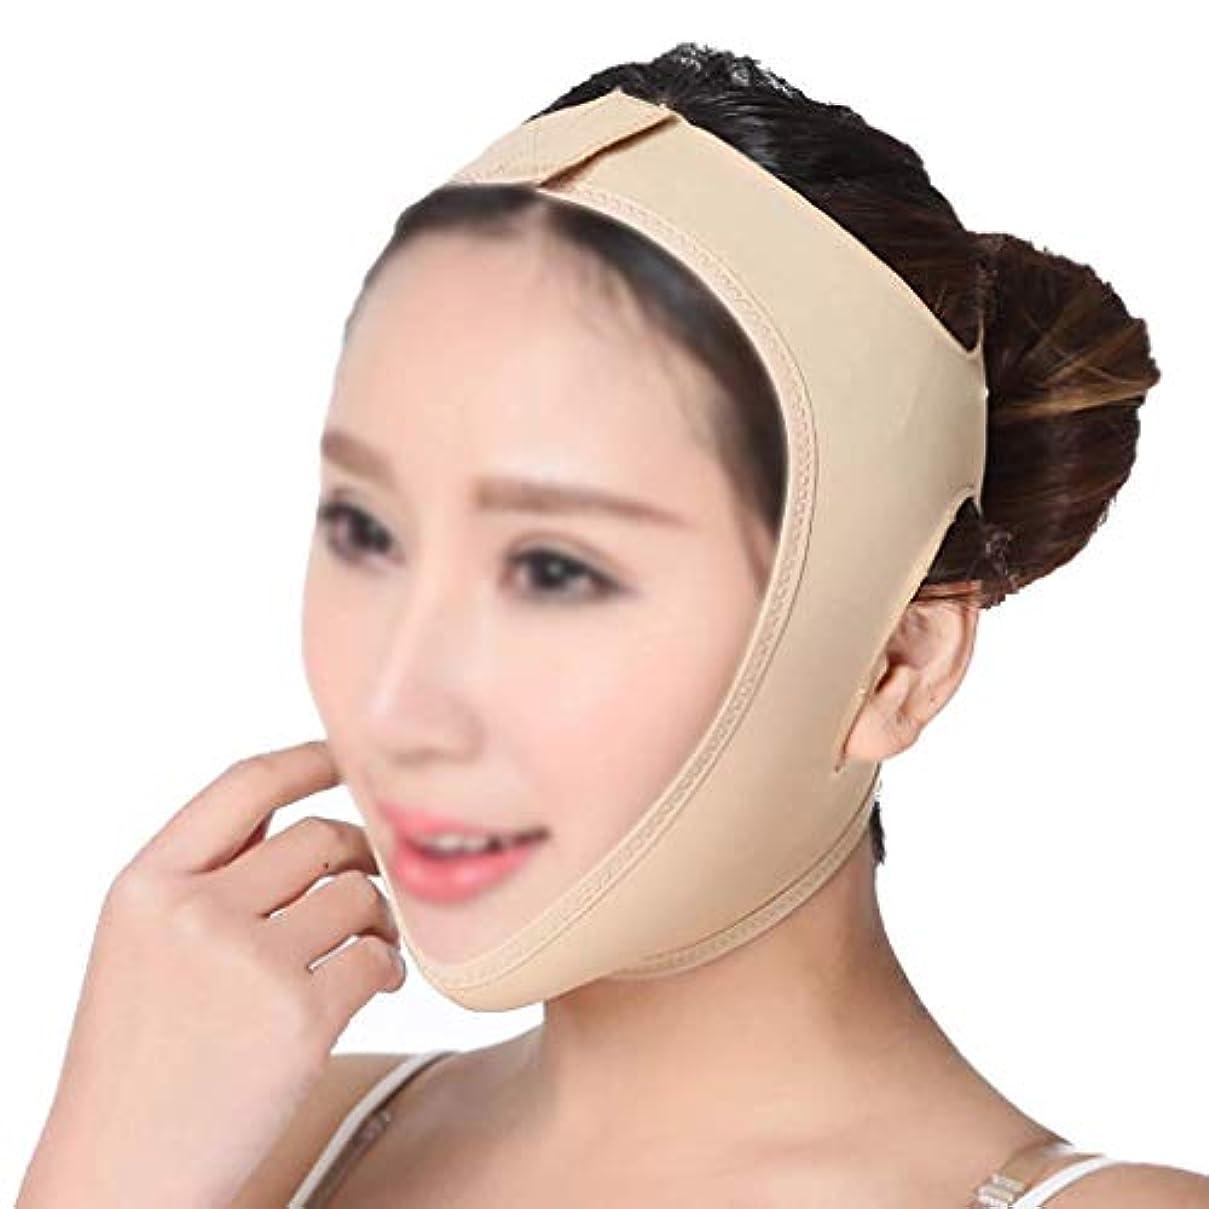 サイズケープチラチラするフェイスリフティング包帯、Vフェイスインストゥルメントフェイスマスクアーティファクト引き締めマスク手動フェイシャルマッサージ通気性肌のトーン(サイズ:M)